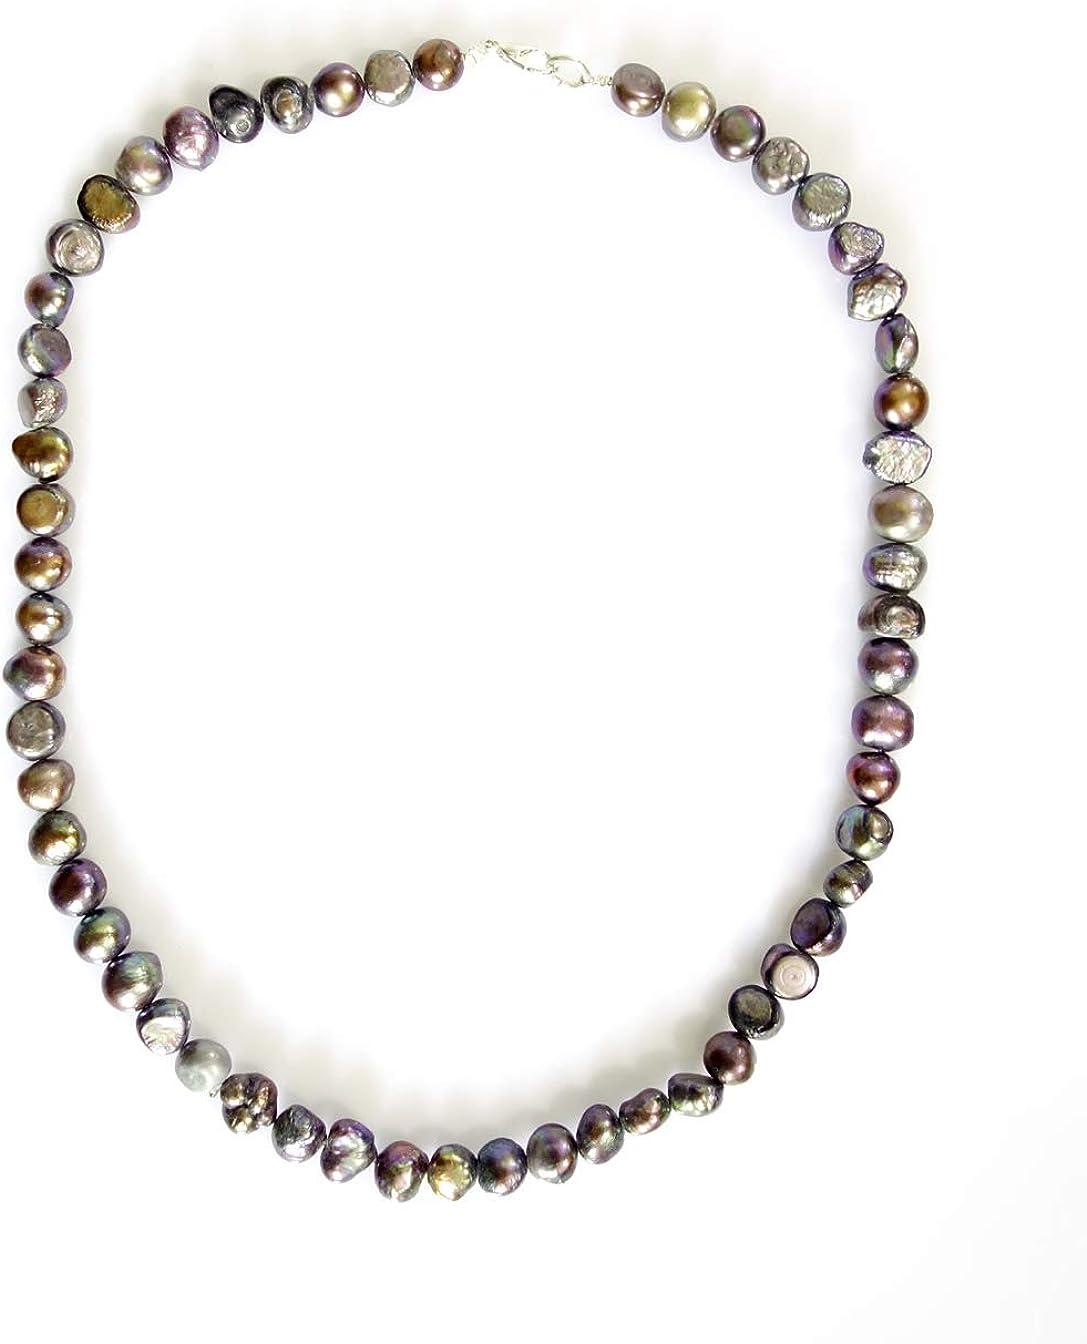 India Jewel Store Collar de Abalorios Hechos a Mano con Perlas de Piedras Preciosas Negras para Mujeres niñas Tribales étnicas Chapado en Plata único Collar único Elegante joyería por Artesano nepalí